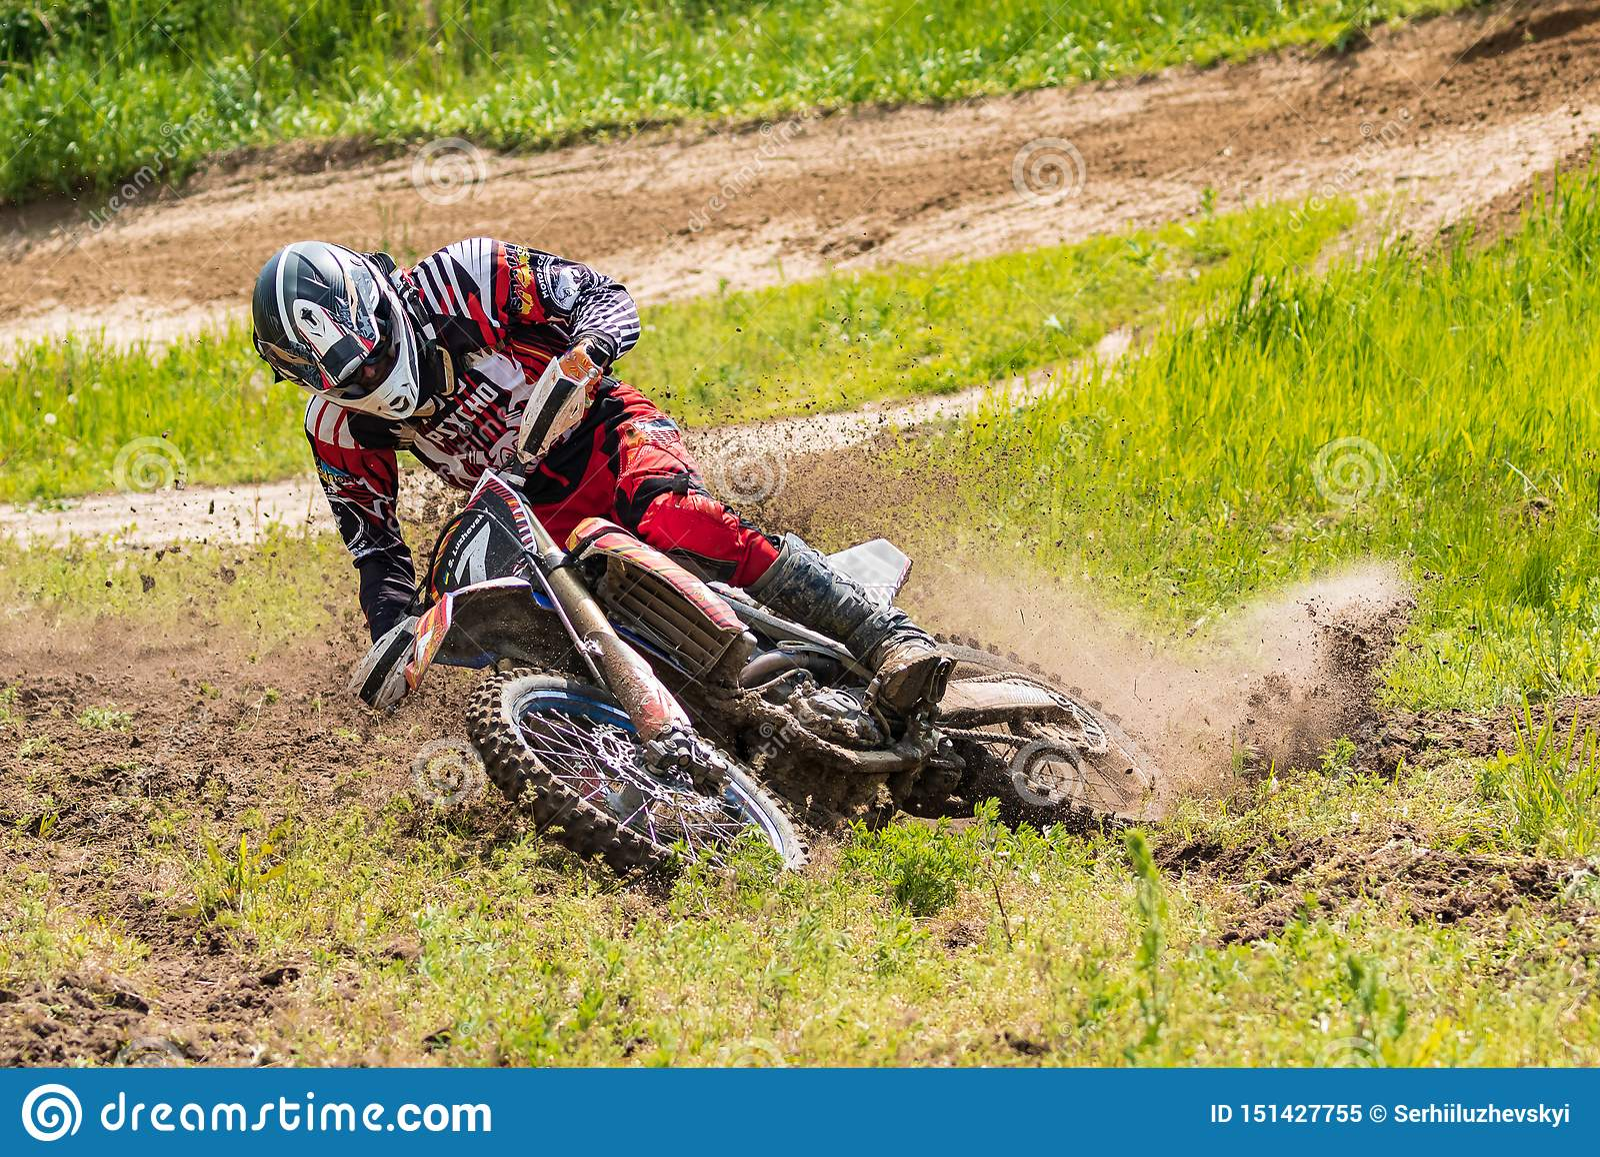 Motocross Motorradfahrer in einer Biegung hetzt entlang einem Schotterweg, Schmutz fliegt von unterhalb der Räder Nahaufnahme